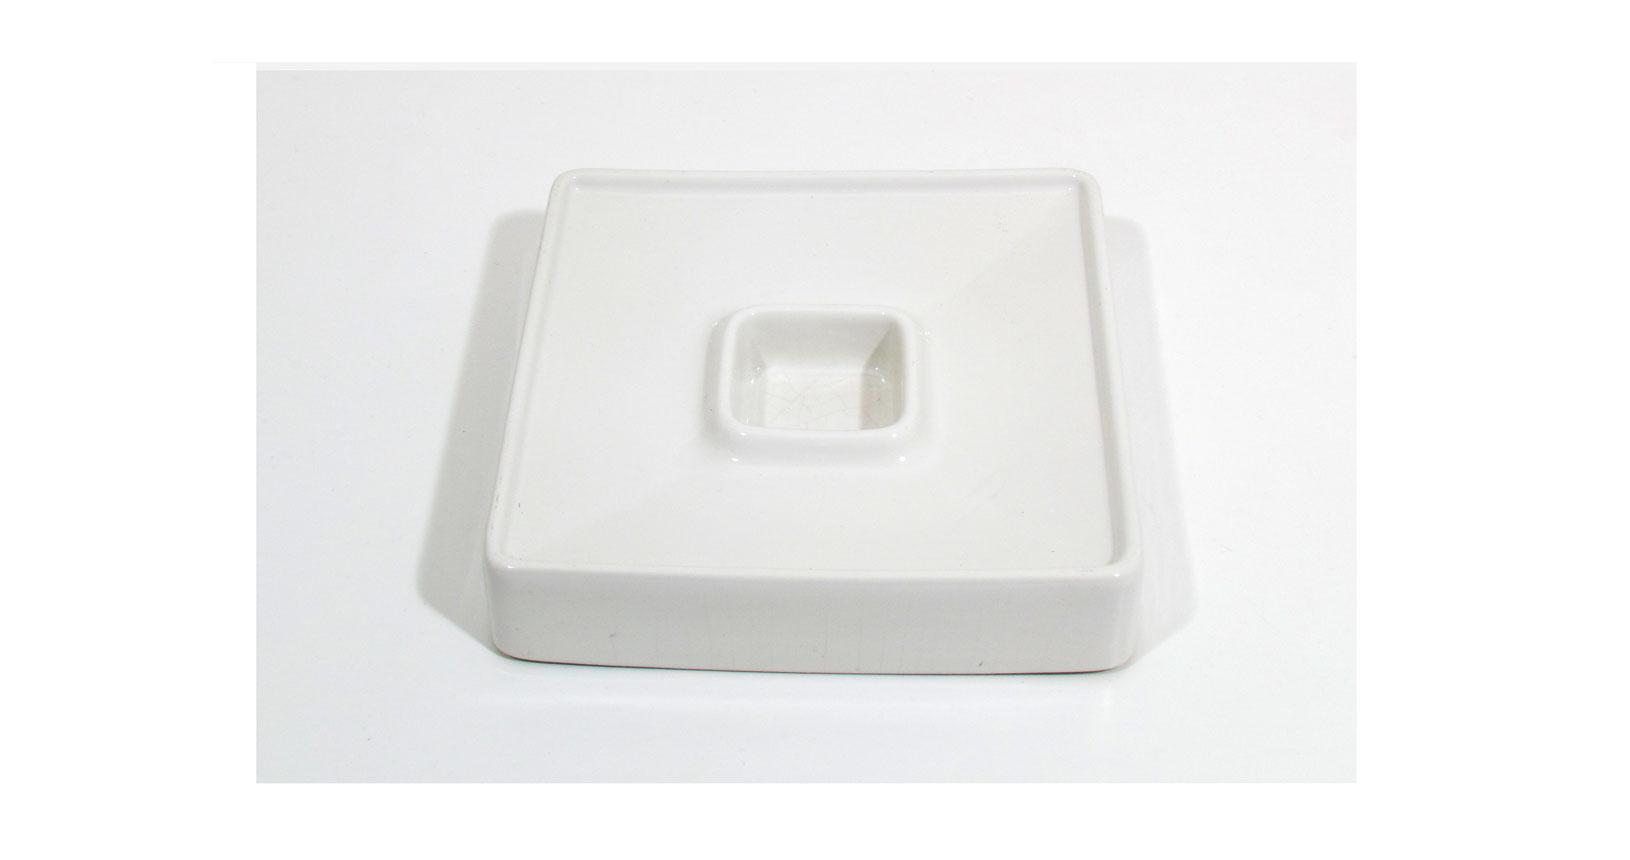 brambilla bianco white posacenere ashtray ceramica design vintage iconic design furniture